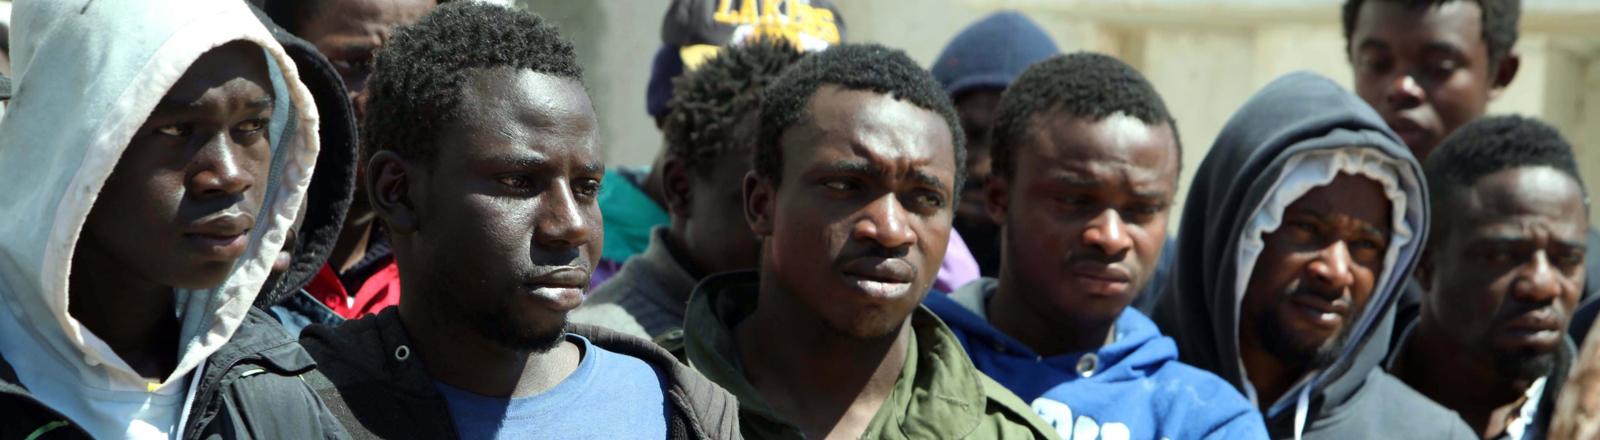 Flüchtlinge warten darauf, in ein Gefängnis in Triplois überführt zu werden.